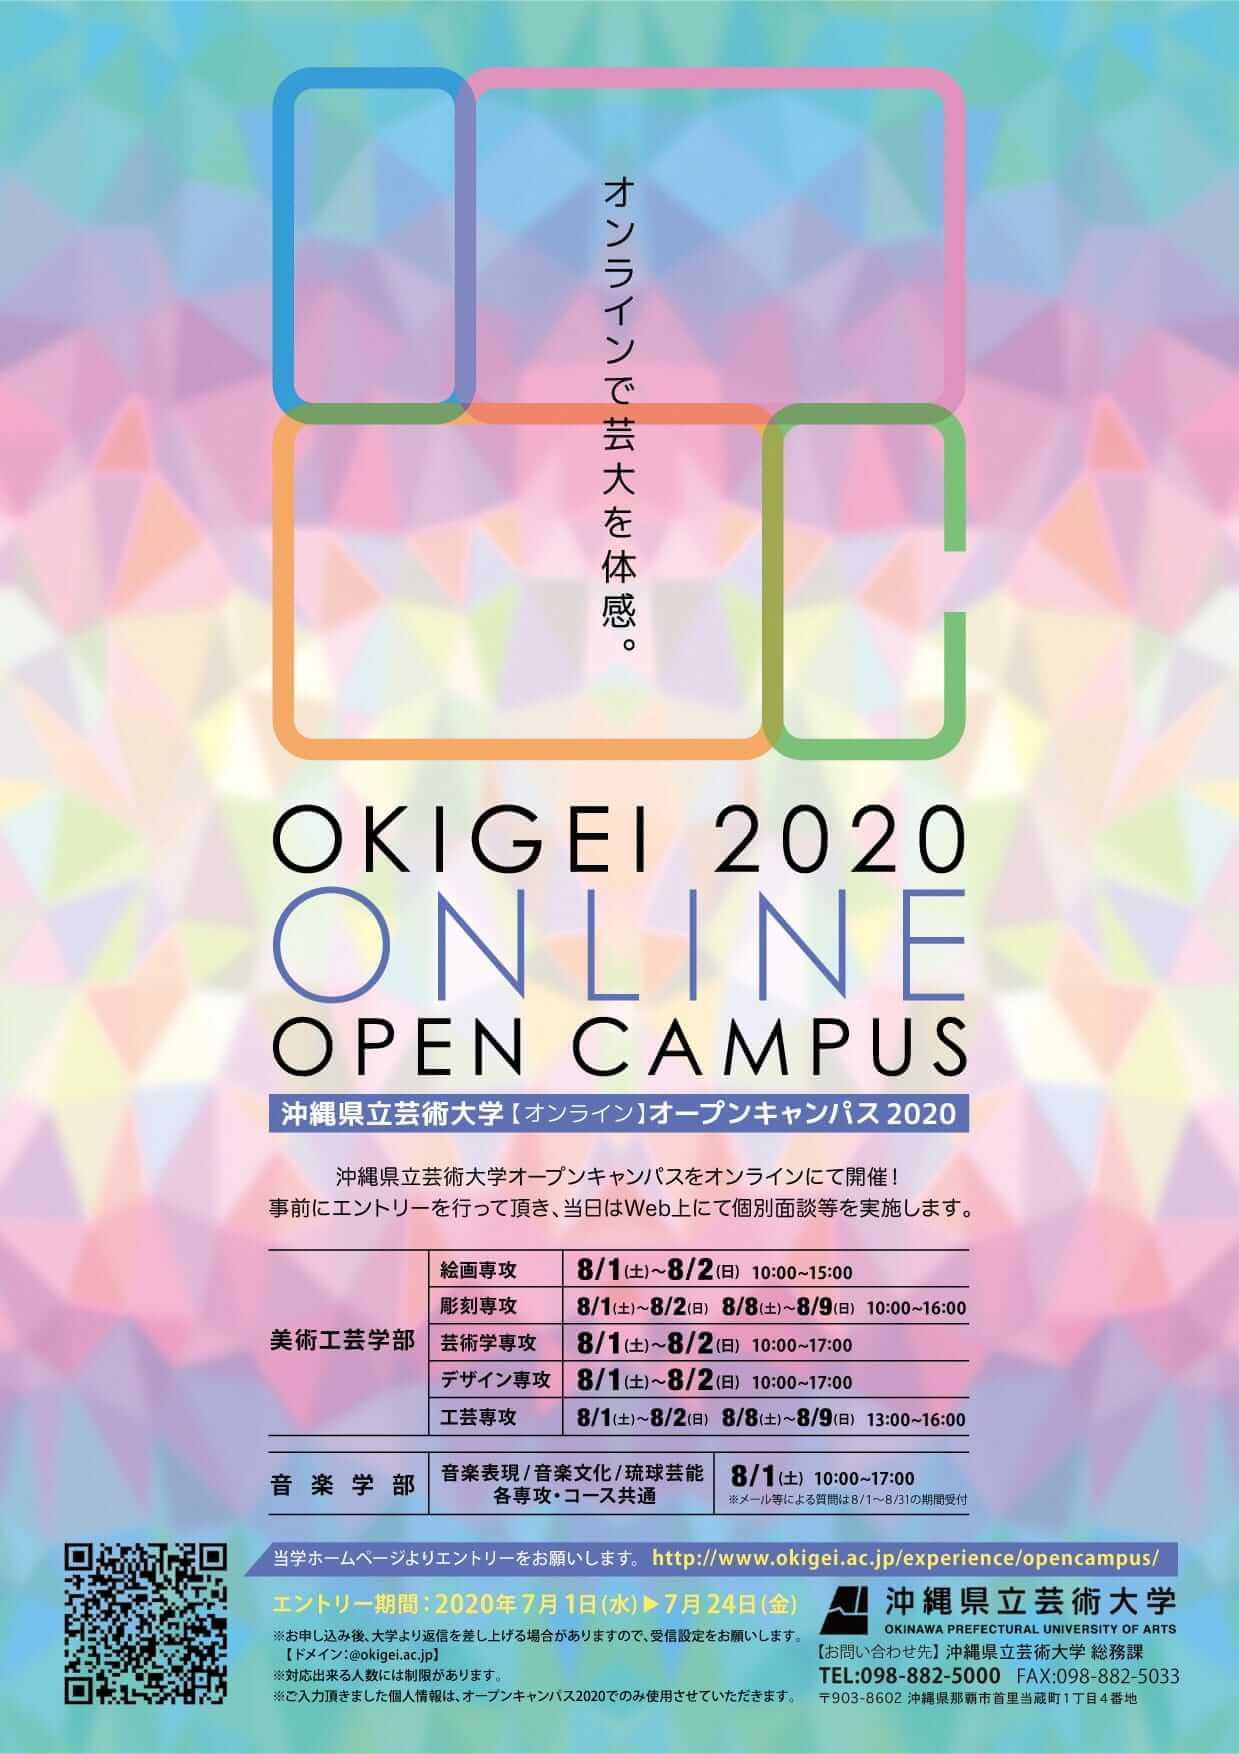 沖縄県立芸術大学【オンライン】オープンキャンパス2020ご案内